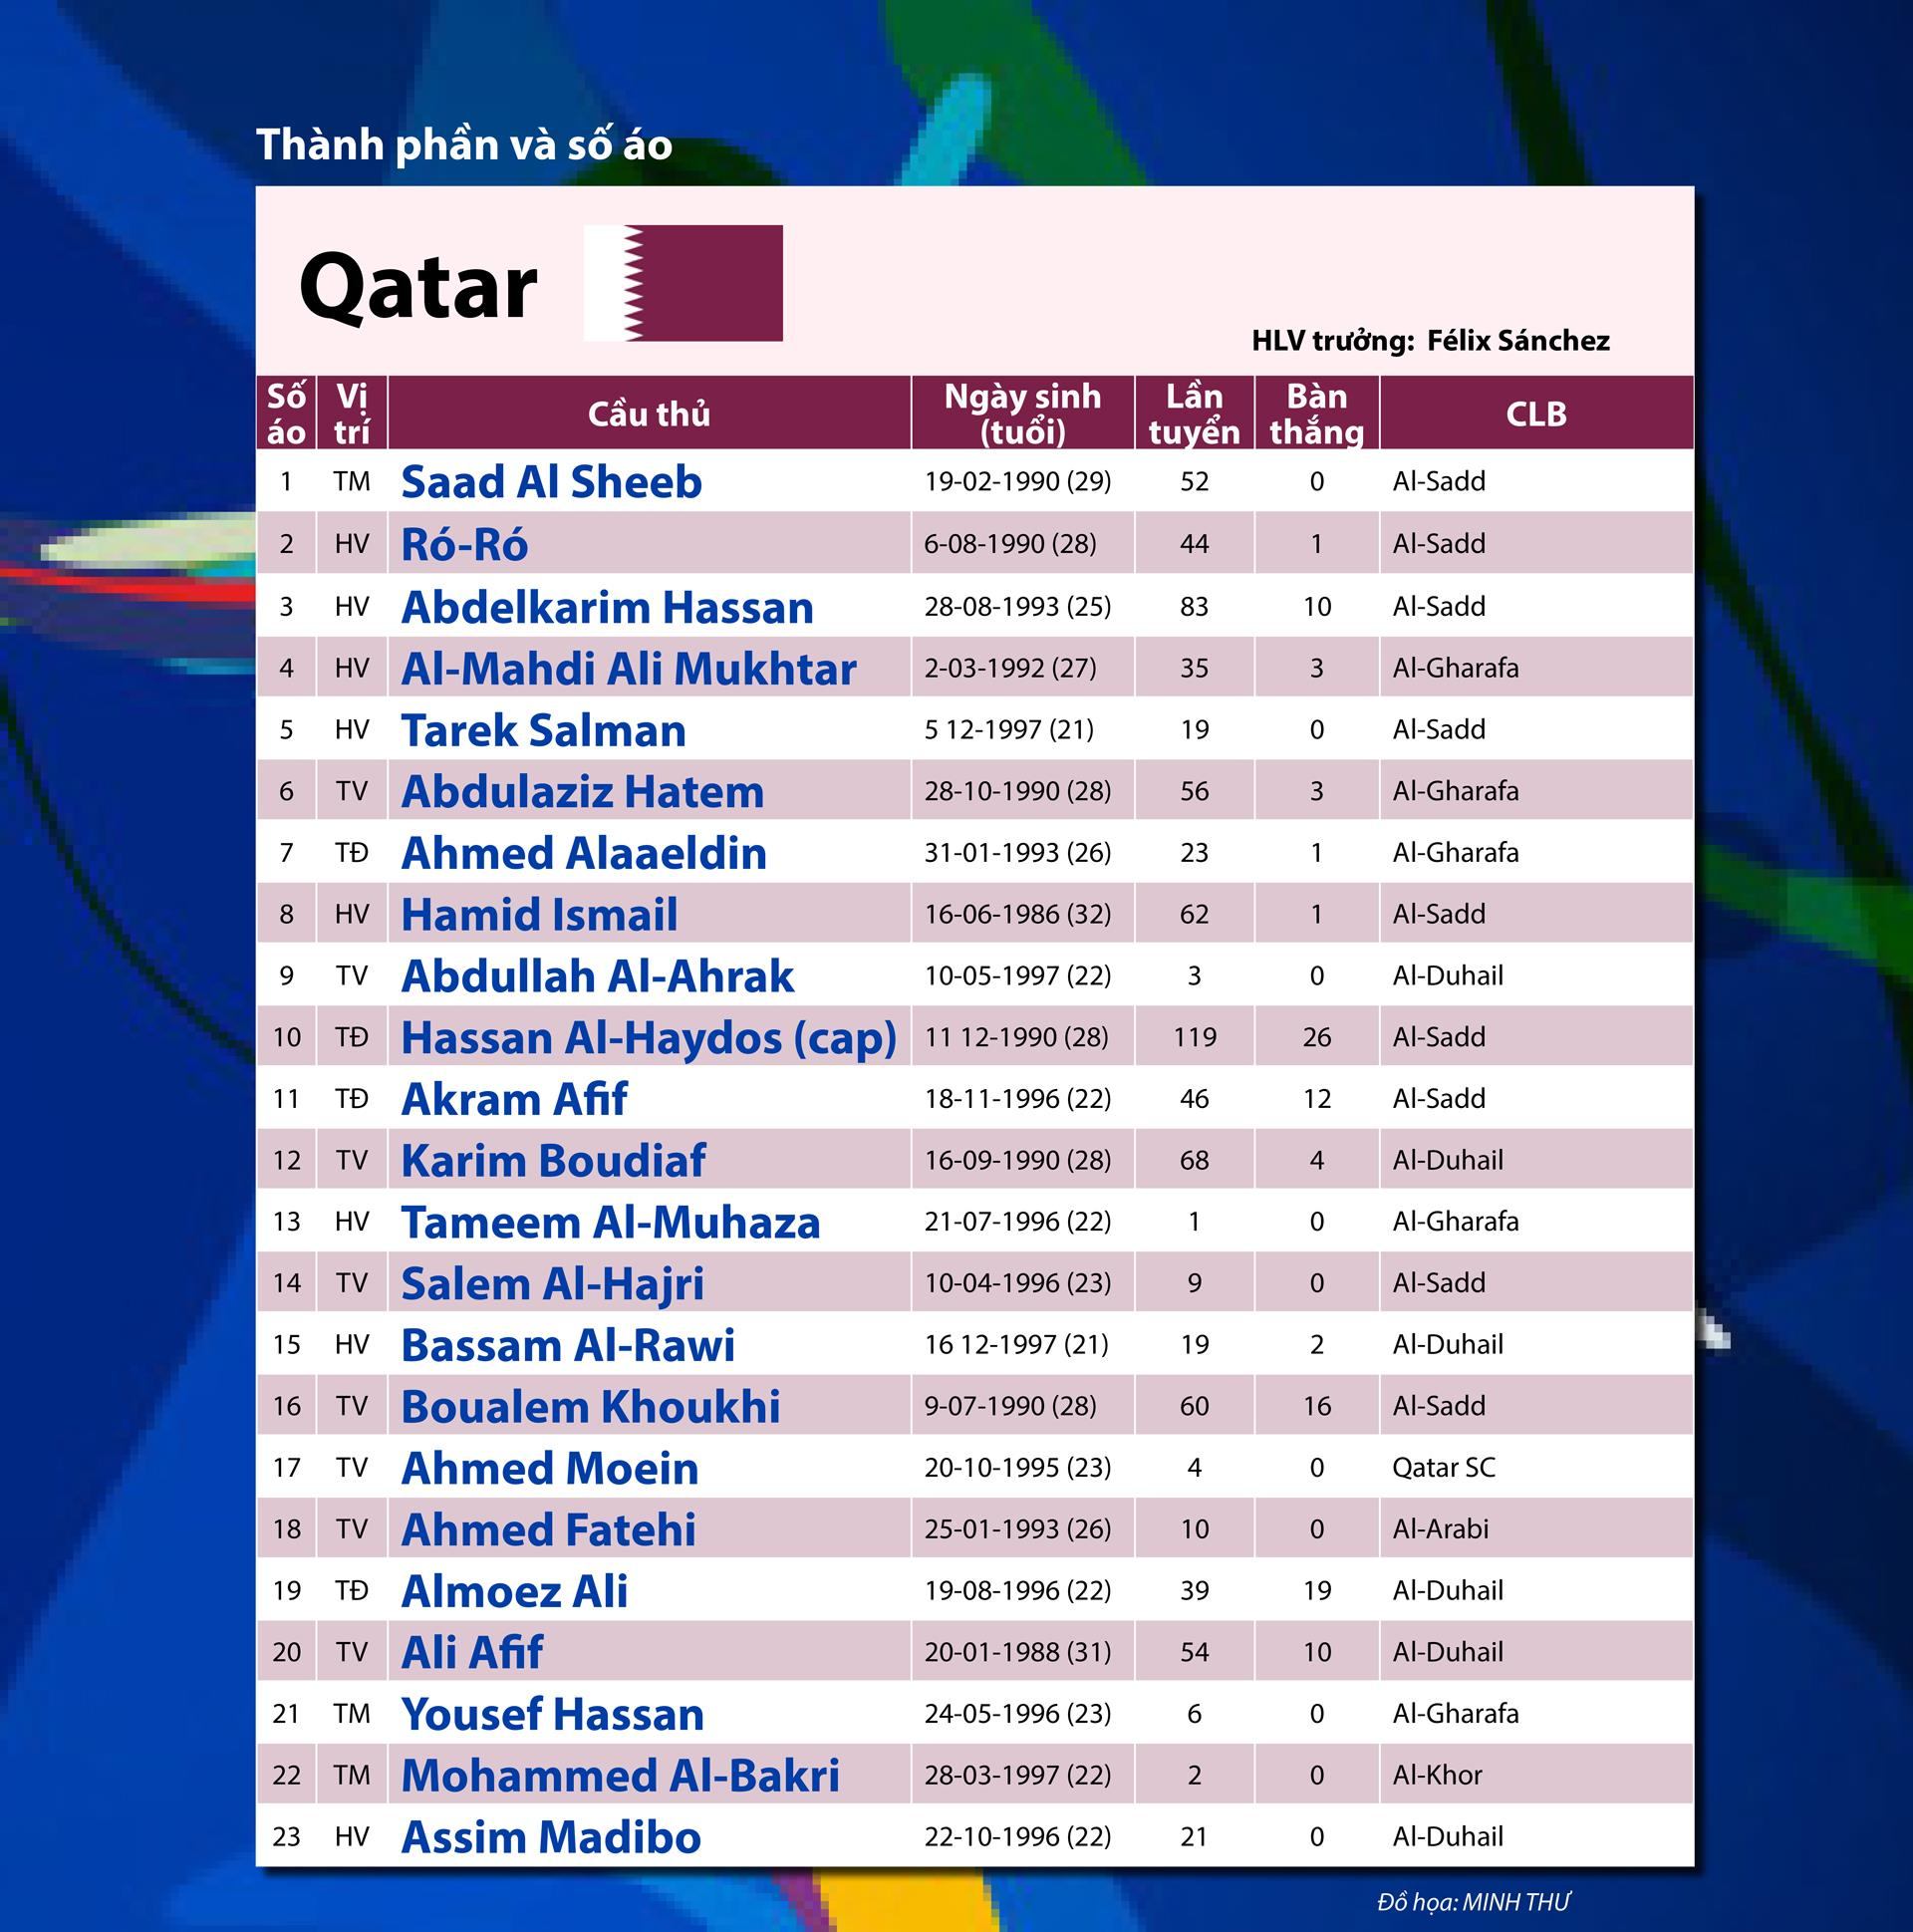 QATAR - Cuộc rong chơi của nhà vô địch châu Á ảnh 5